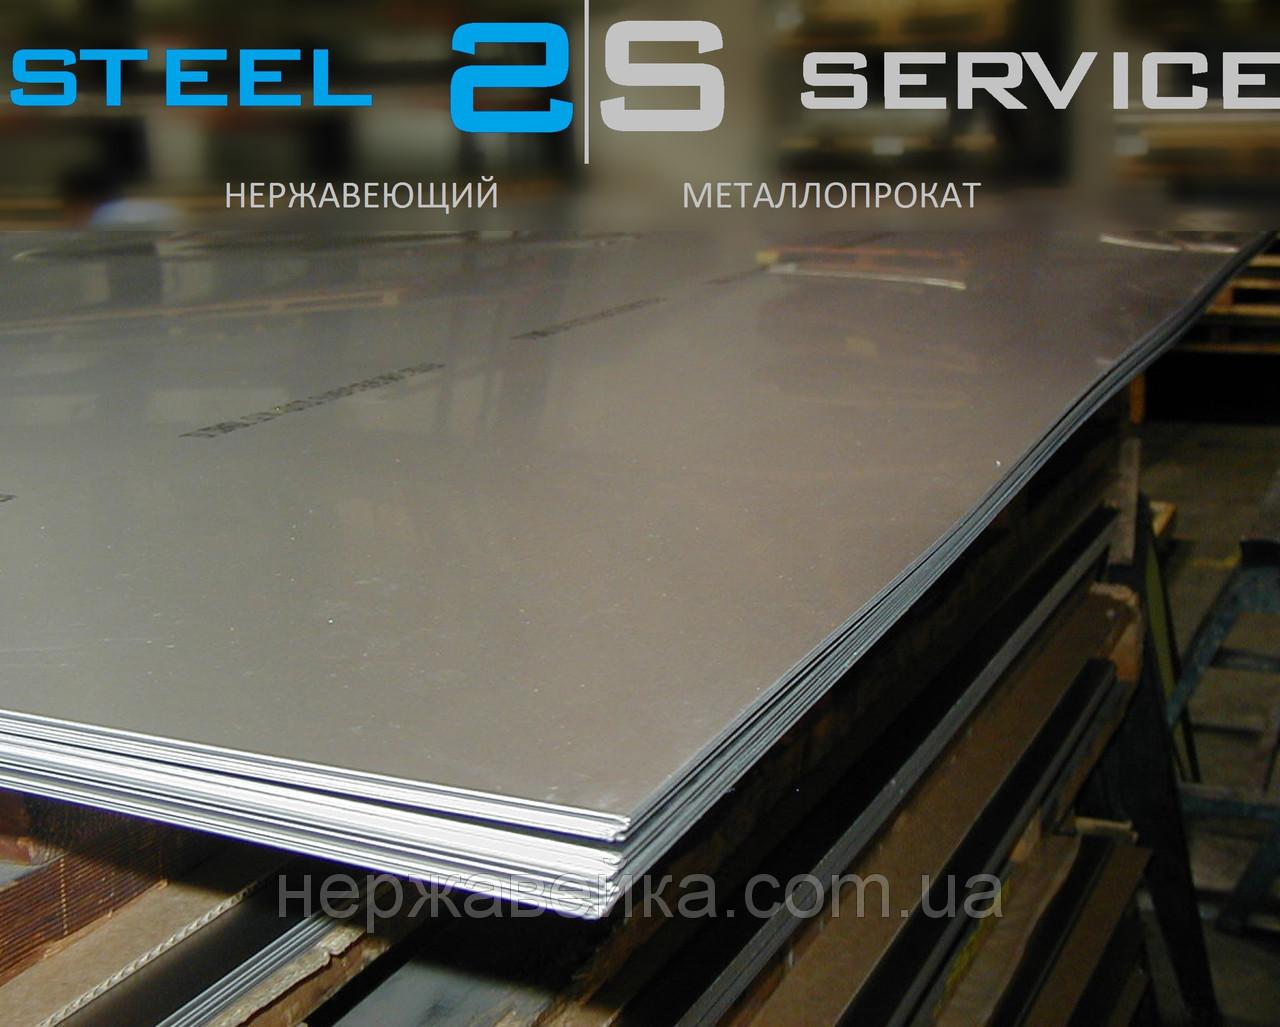 Нержавеющий лист  0,8х1220х2500мм AISI 430(12Х17) 2B DECO, декоративный в пленке, геометрия